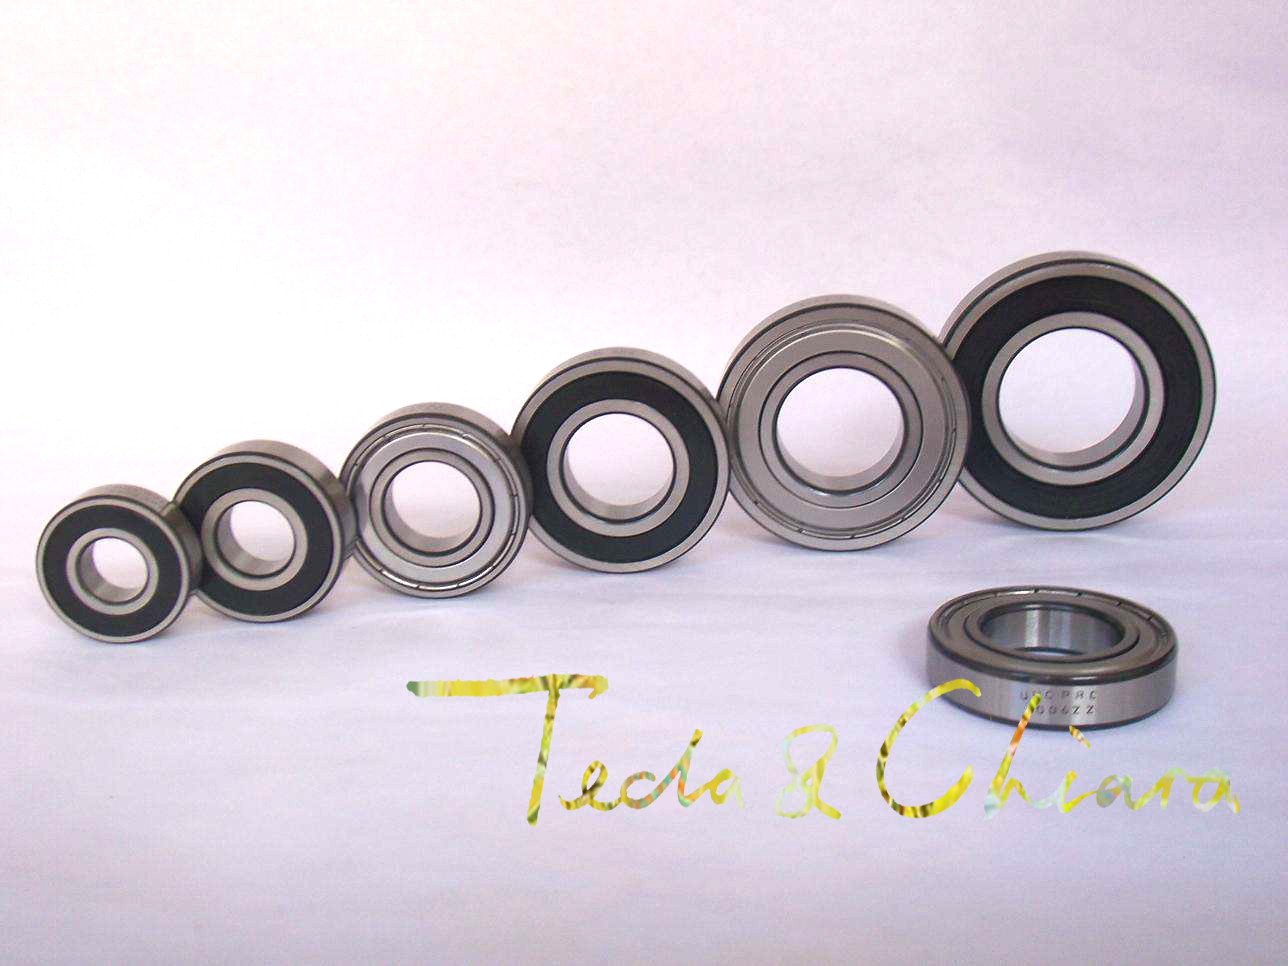 R4 R4ZZ R4RS R4-2Z R4Z R4-2RS ZZ RS RZ 2RZ Deep Groove Ball Bearings 6.35 x 15.875 x 4.98mm High Quality 1/4 x 5/8 x 0.196 gcr15 6326 zz or 6326 2rs 130x280x58mm high precision deep groove ball bearings abec 1 p0